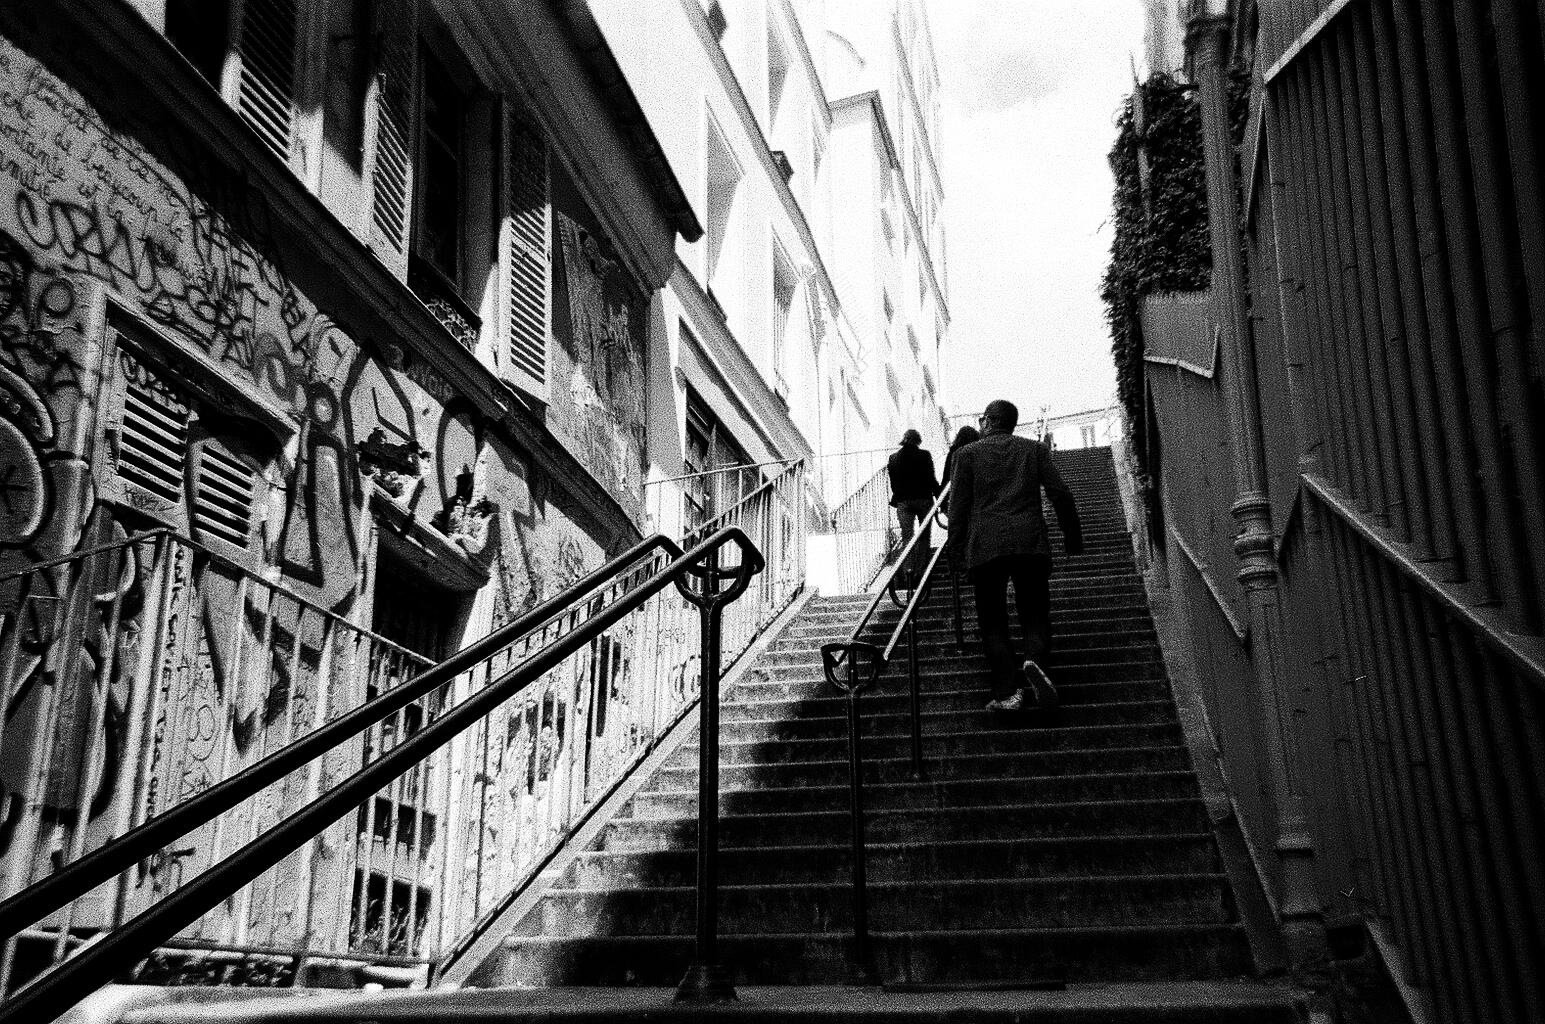 Photo taken in paris